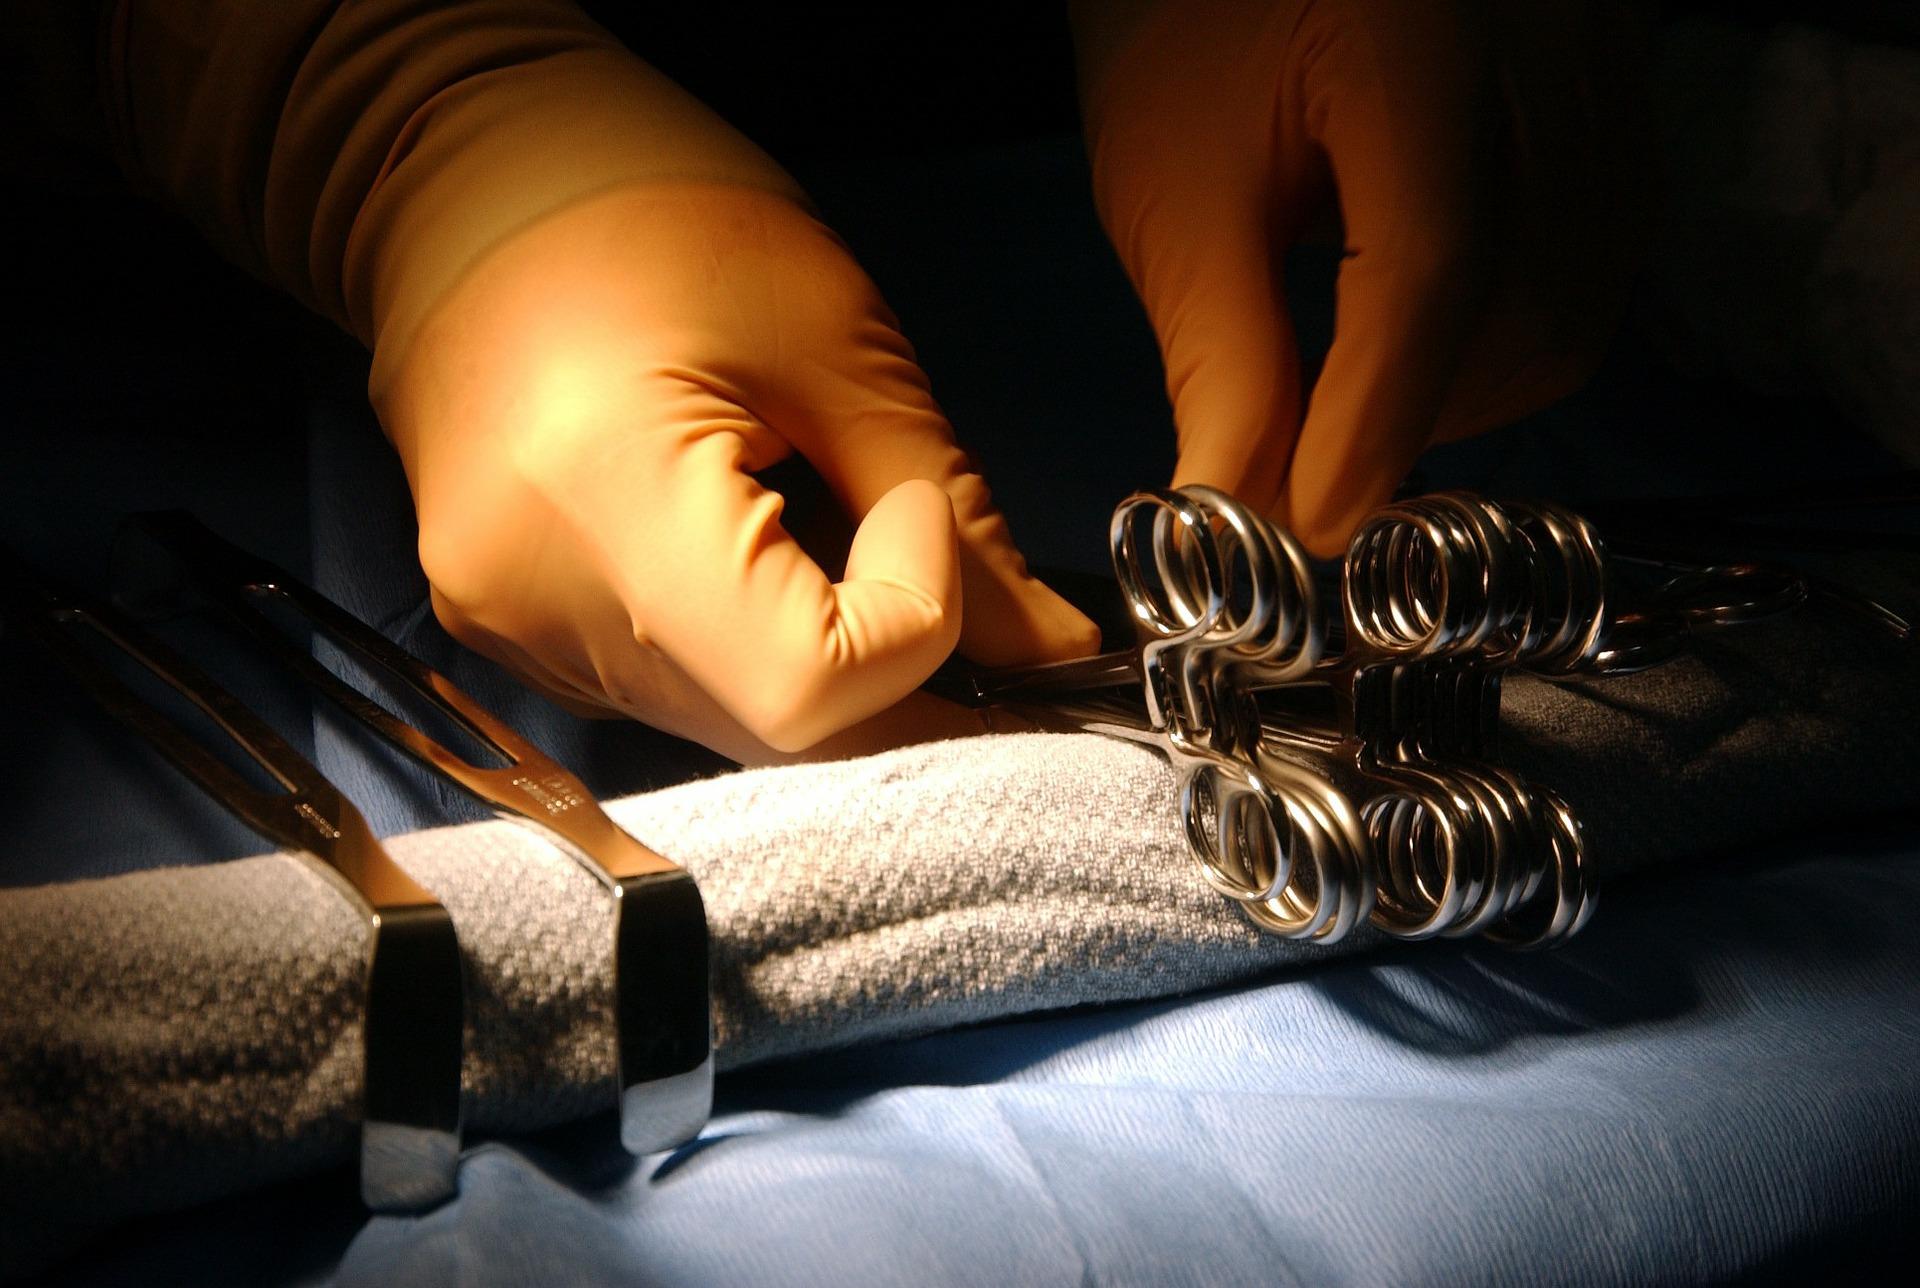 surgical-instruments-81489_1920 Allestimento sale per confezionamento e sterilizzazione